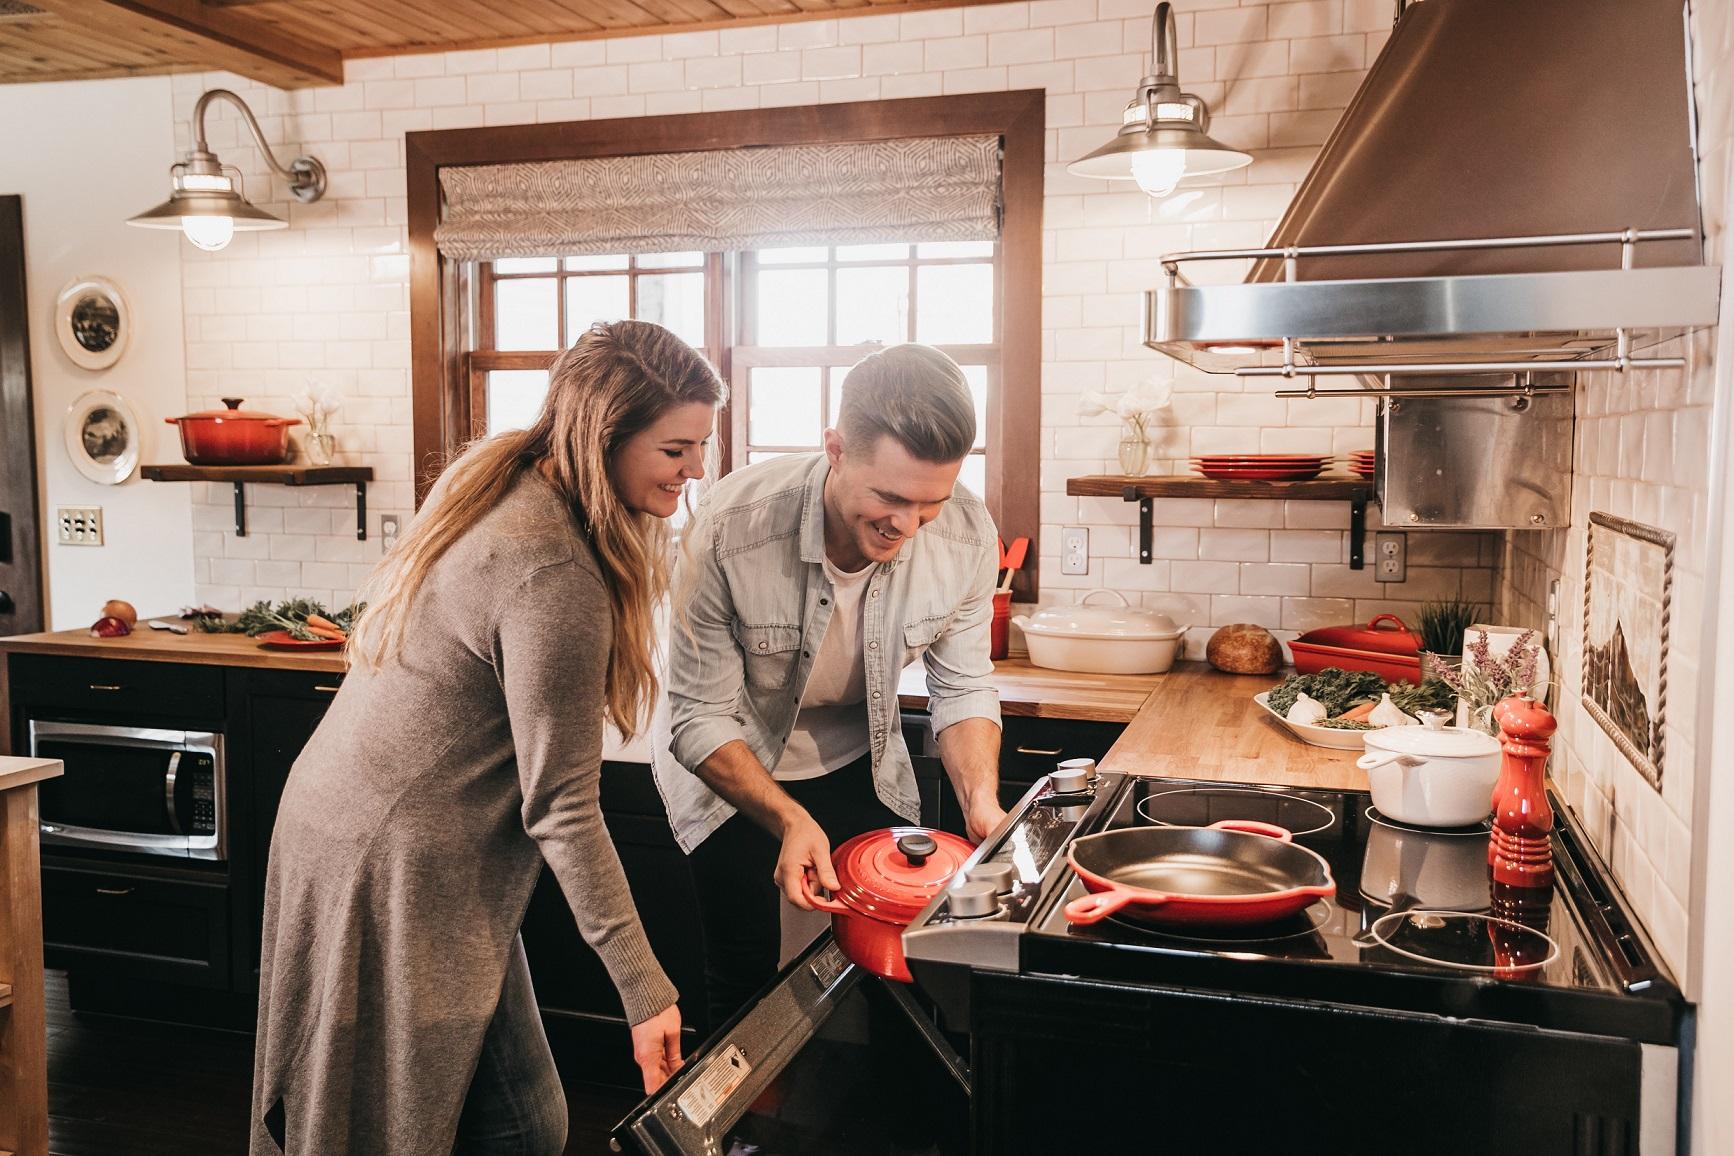 Iako se čini kako bi kod kuće to trebalo biti lako, zahtjeva dobru organizaciju i oprez svih članova kućanstva.